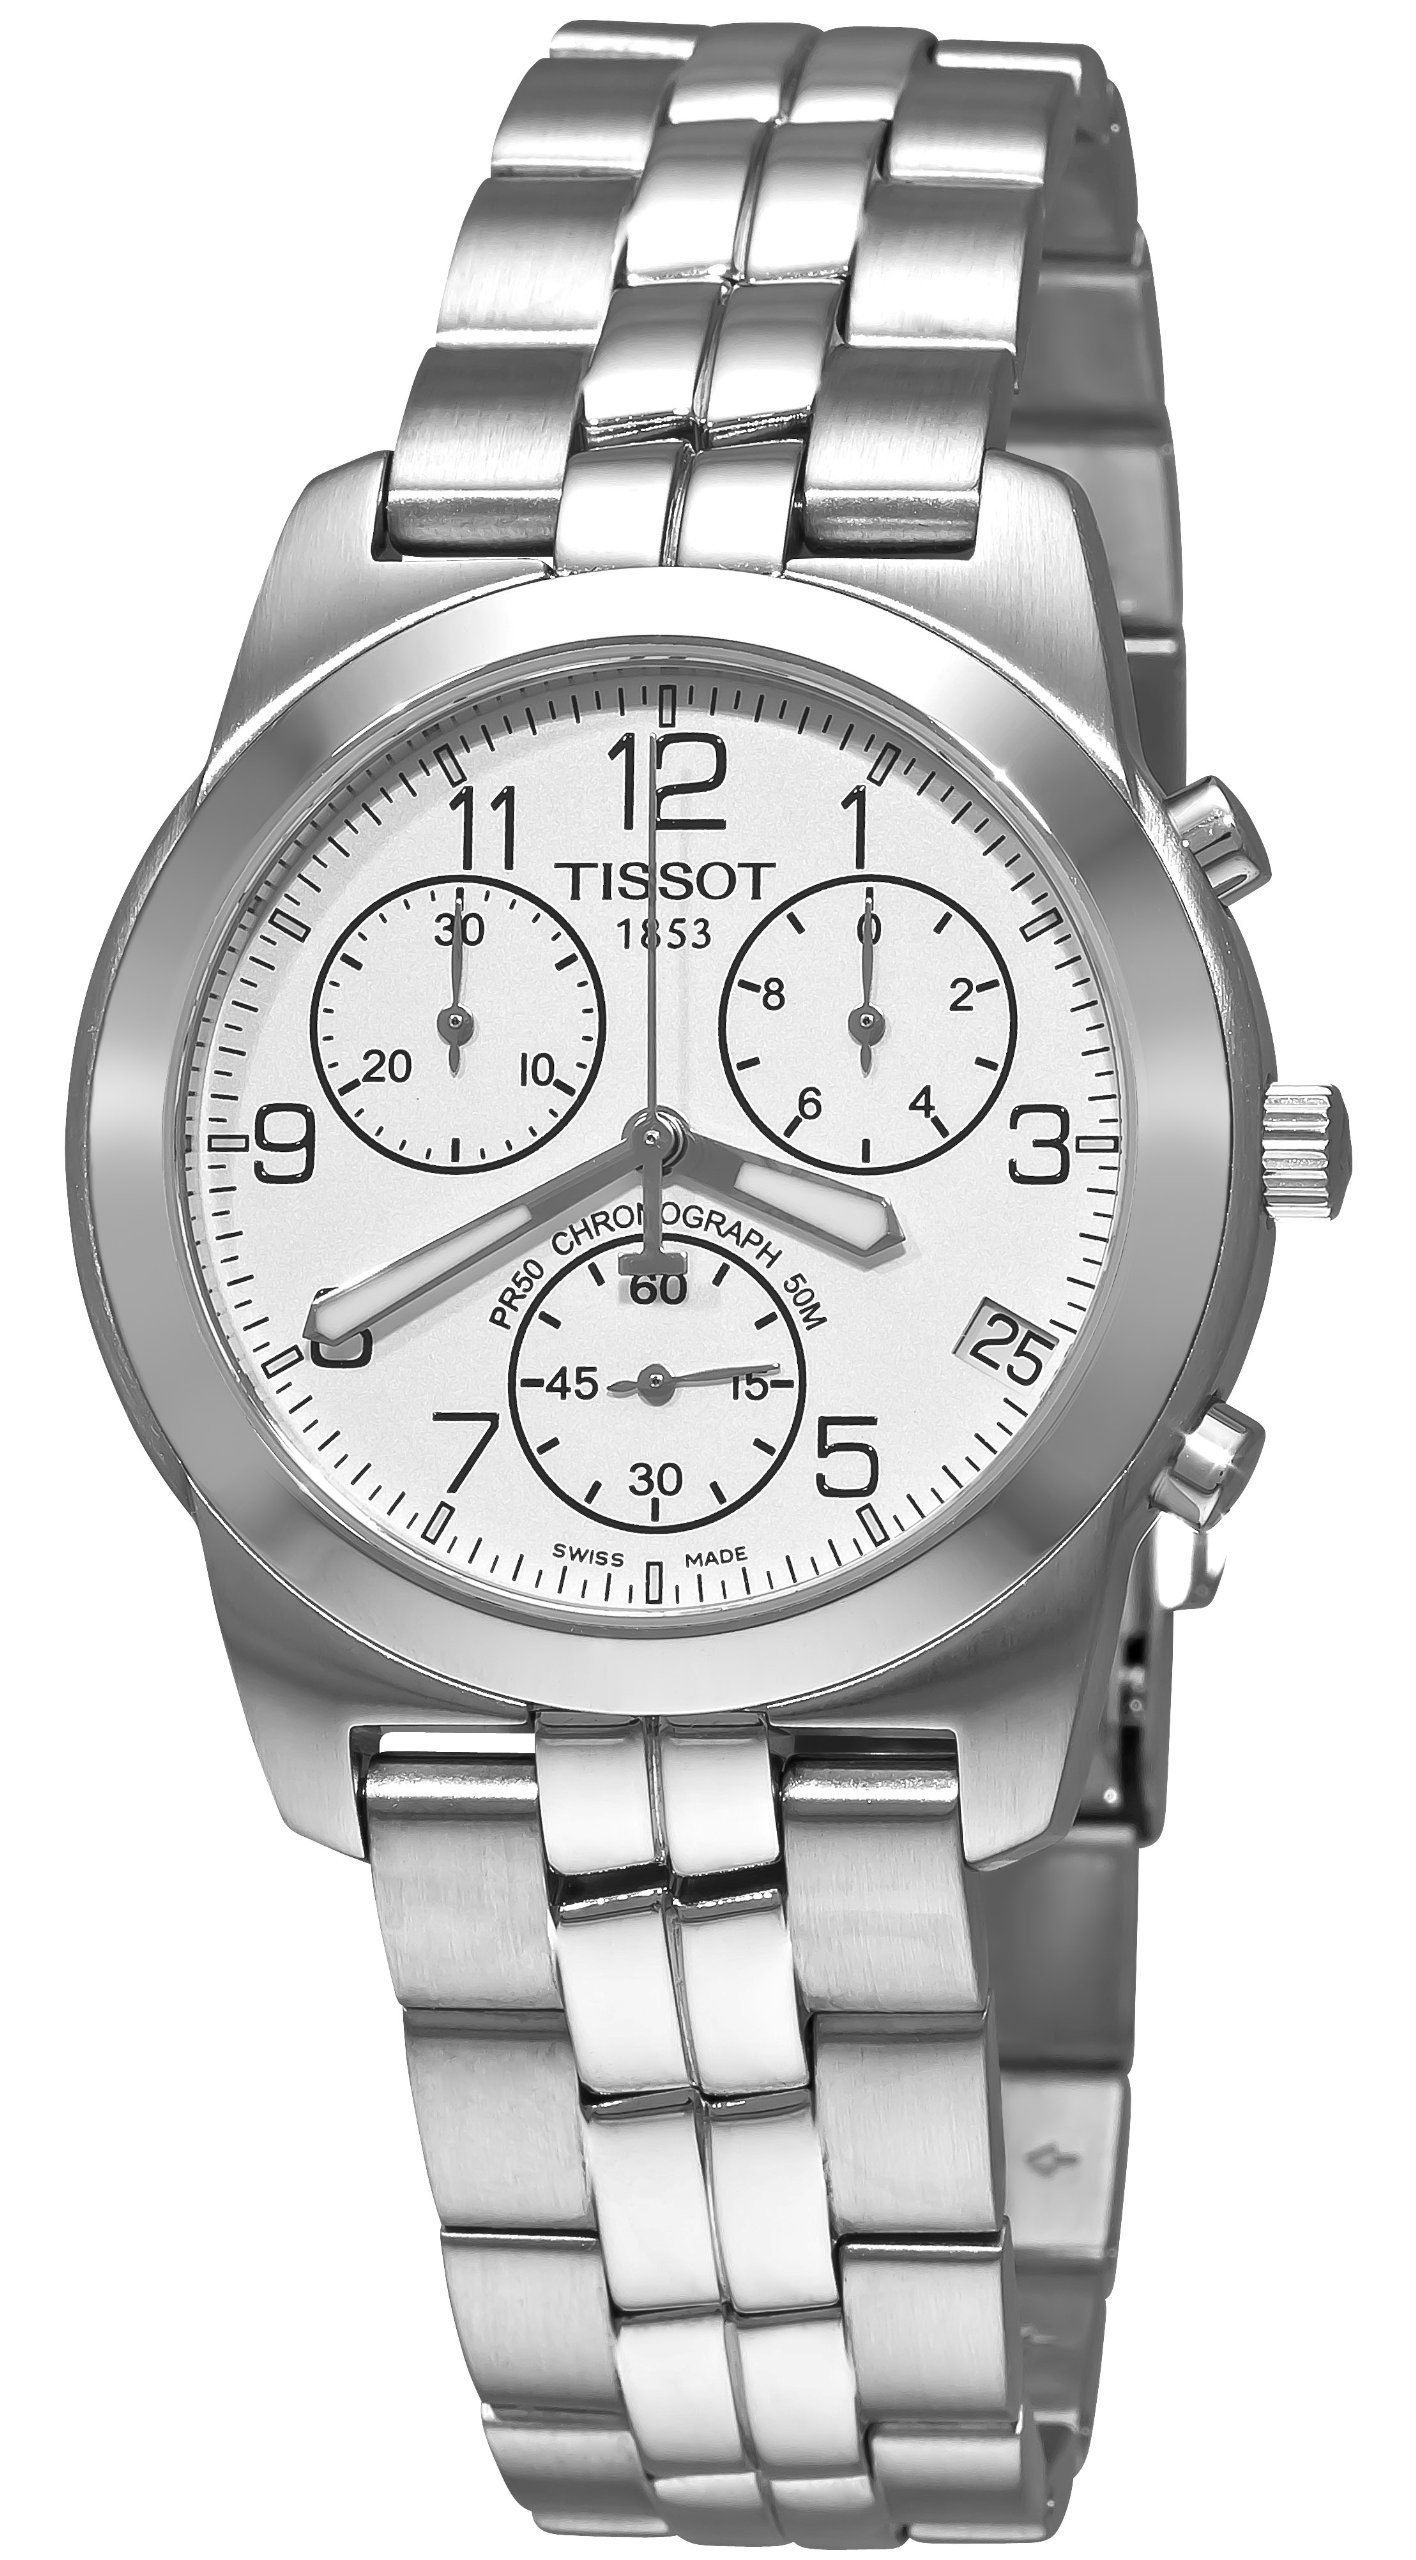 Tissot PR50 T34148832 – Reloj de caballero automático, correa de acero inoxidable color gris